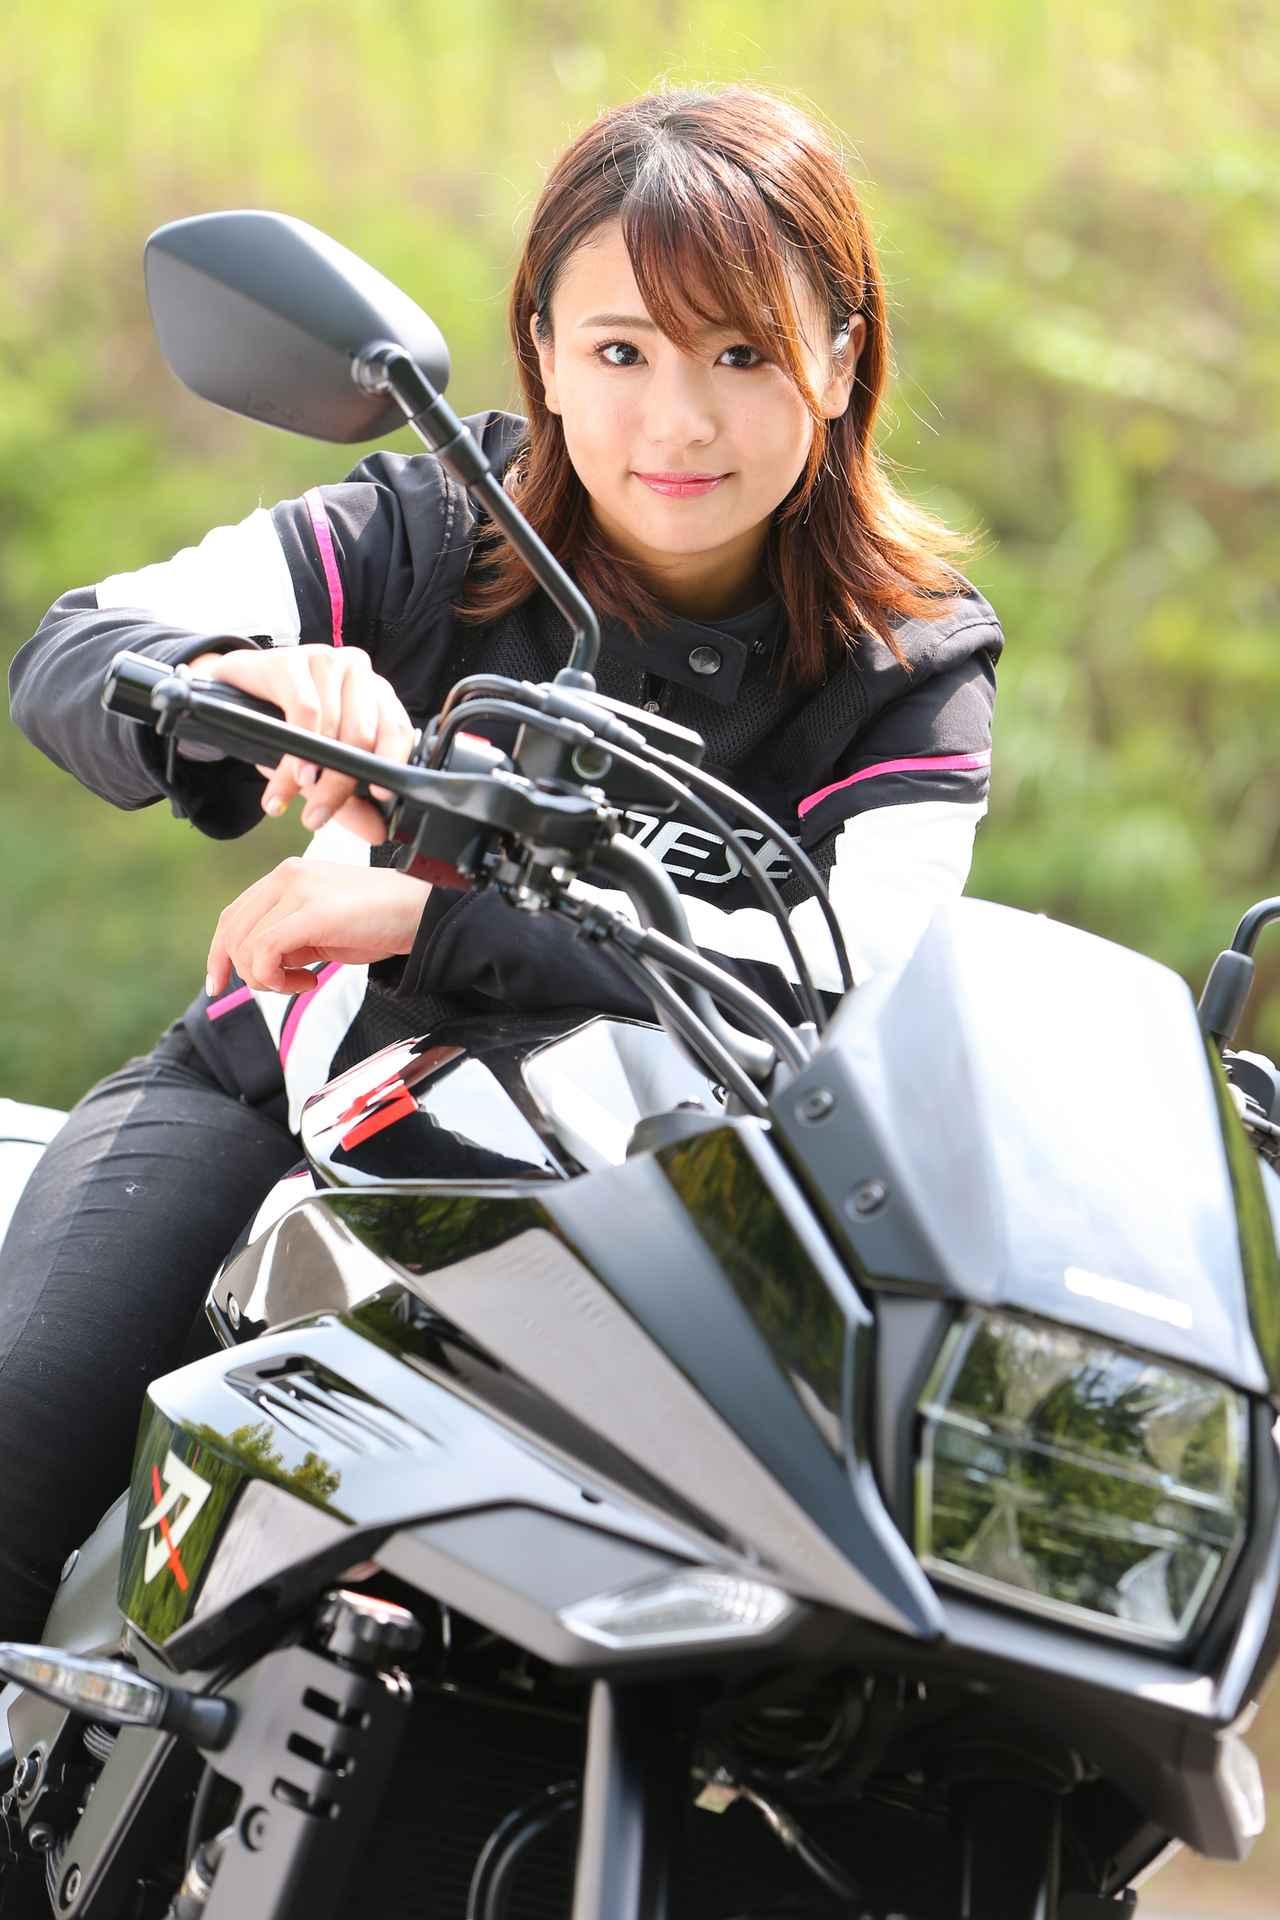 Images : 6番目の画像 - 「平嶋夏海の「つま先メモリアル」(第5回:Suzuki KATANA)【ゆるふわ 3枚刃】」のアルバム - webオートバイ